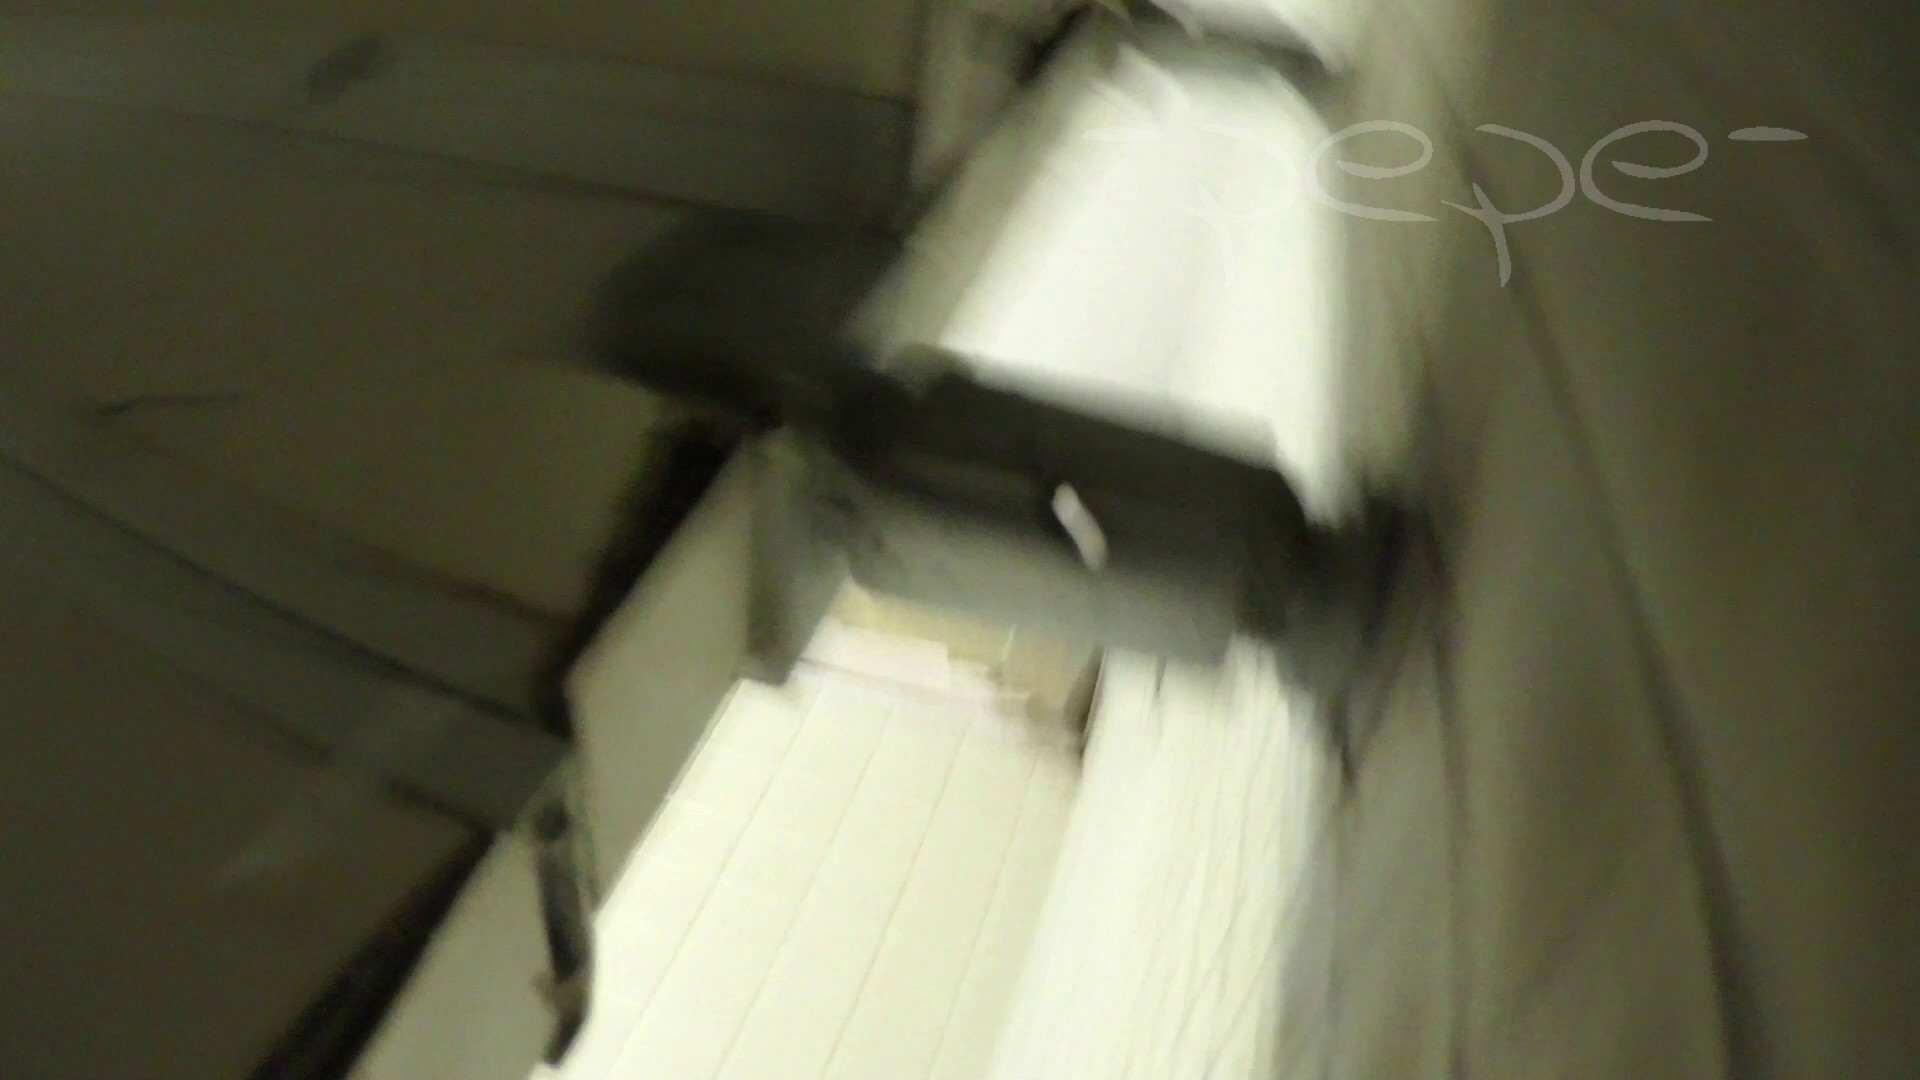 至高洗面所盗撮 30 至高店内撮り 見せますpepeの技!!2 高画質  74PIX 59